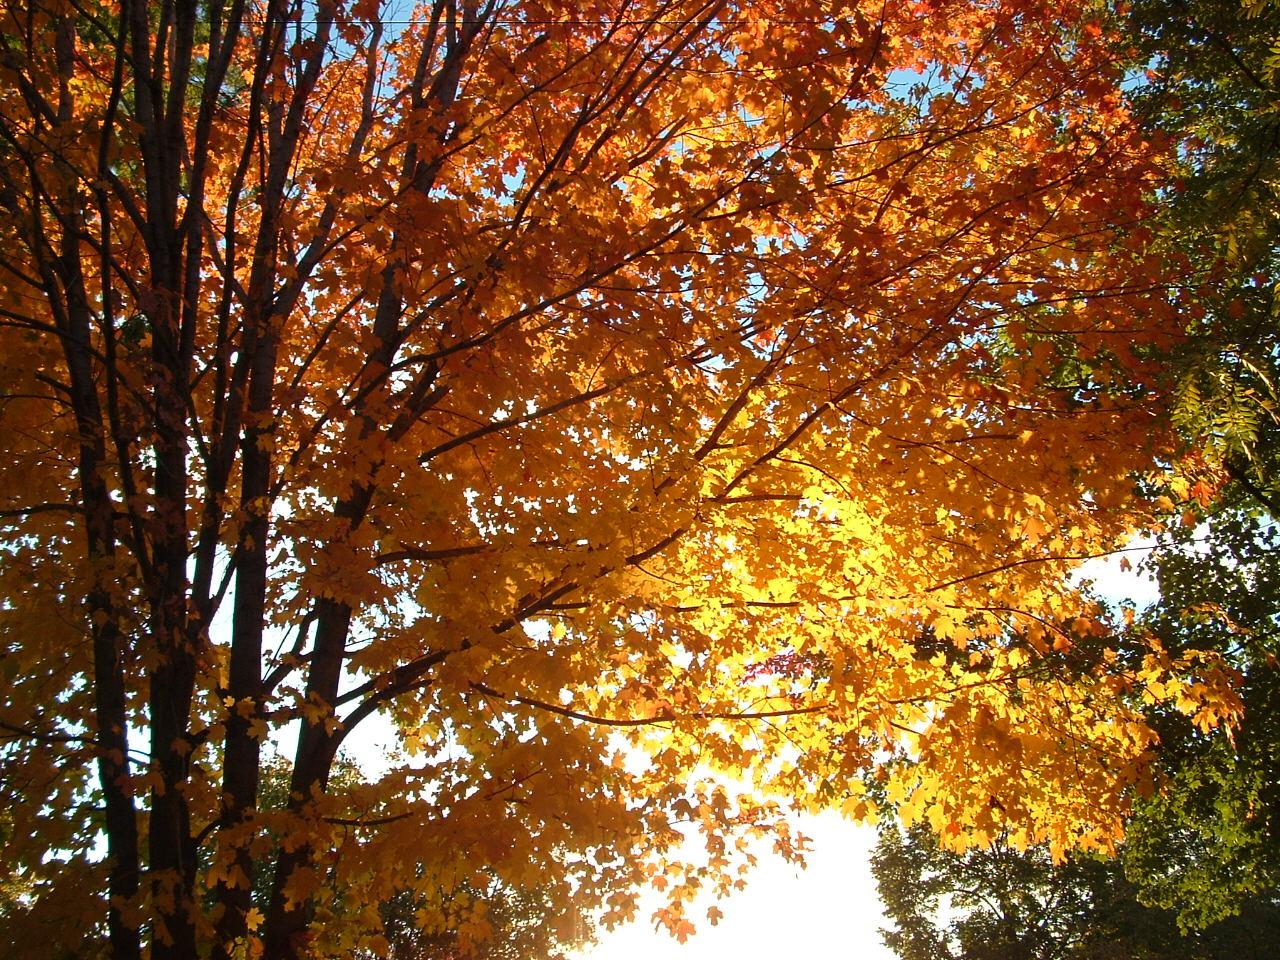 En Güzel Sonbahar HD Duvar Kağıtları